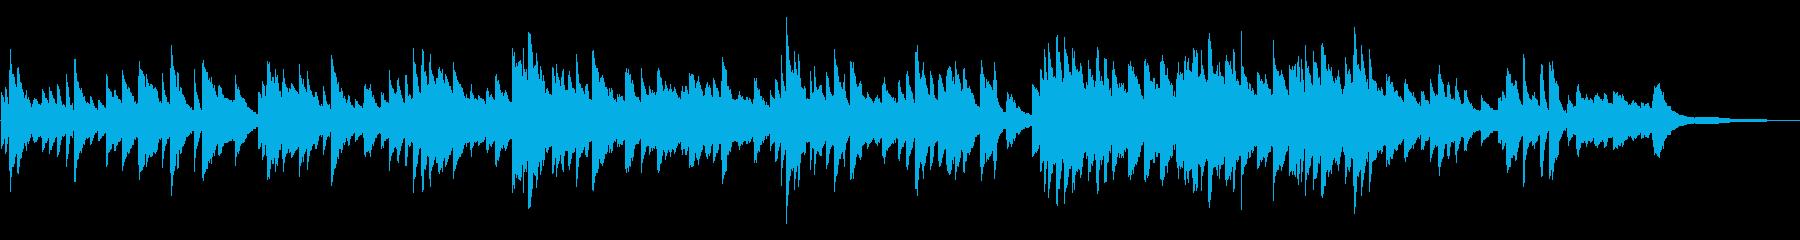 梅雨をイメージしたピアノバラードの再生済みの波形